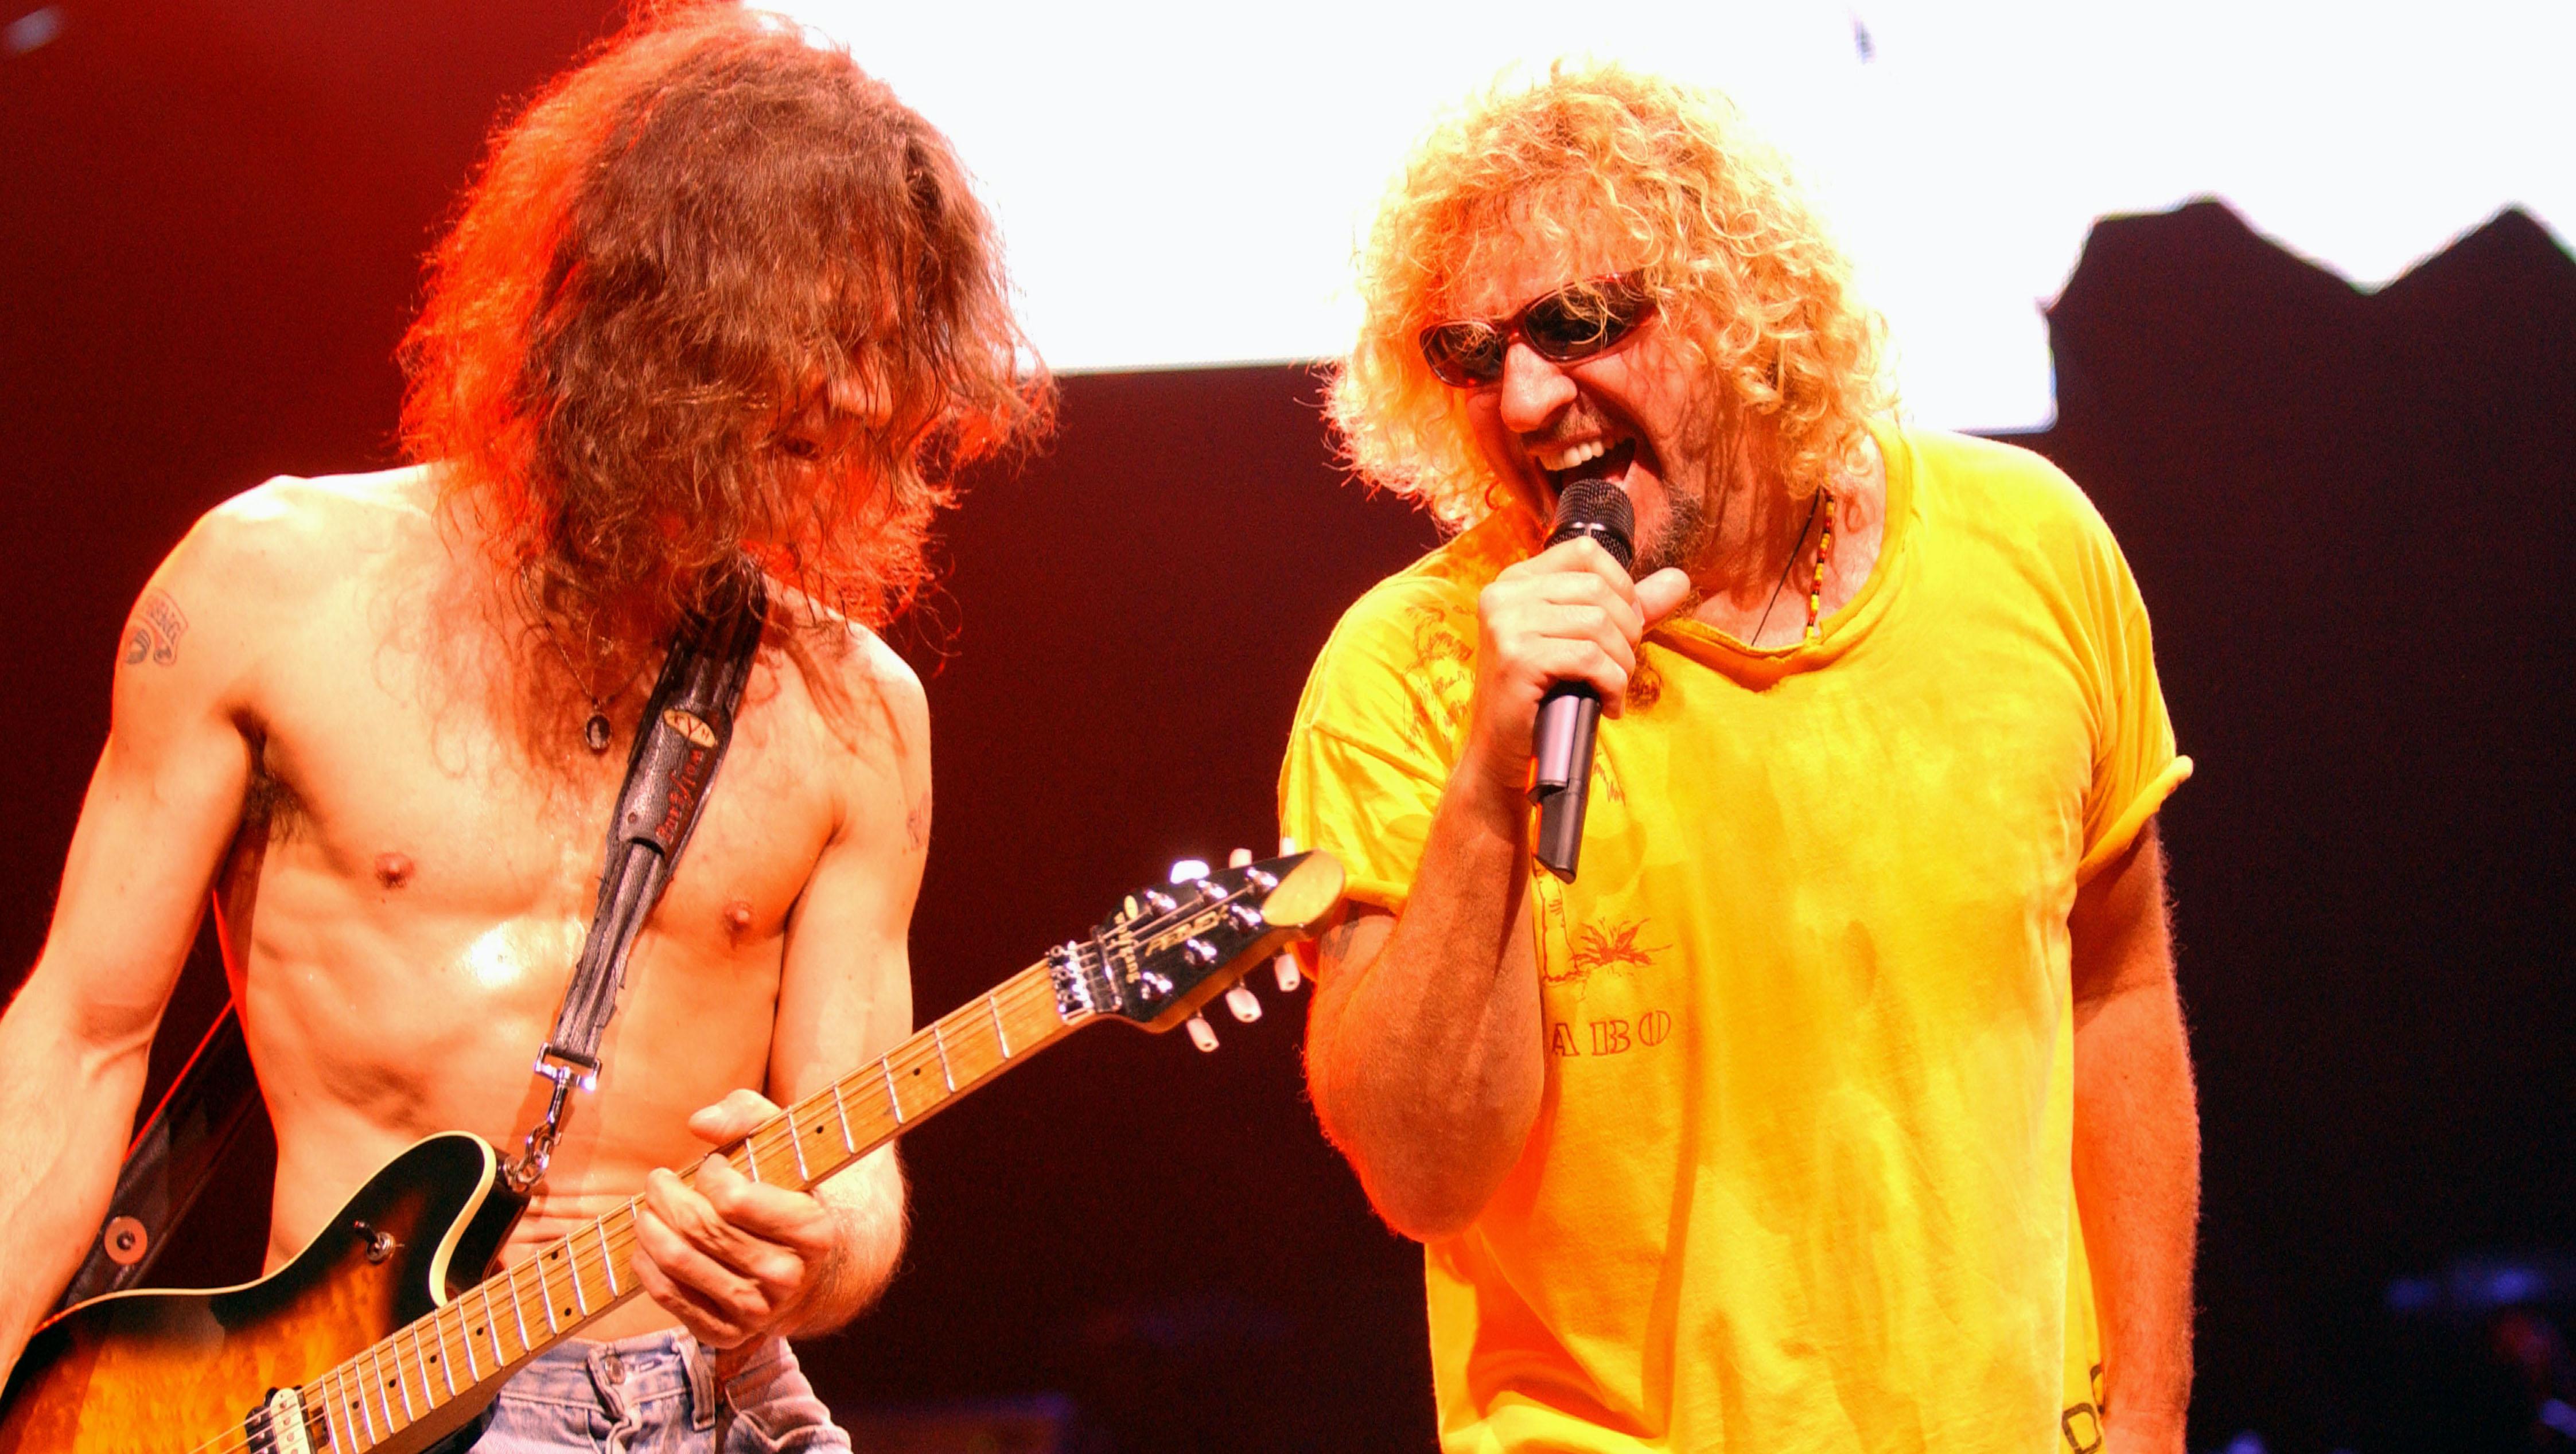 Sammy Hagar Predicts Van Halen Will Probably Be On Tour Next Year Guitar World